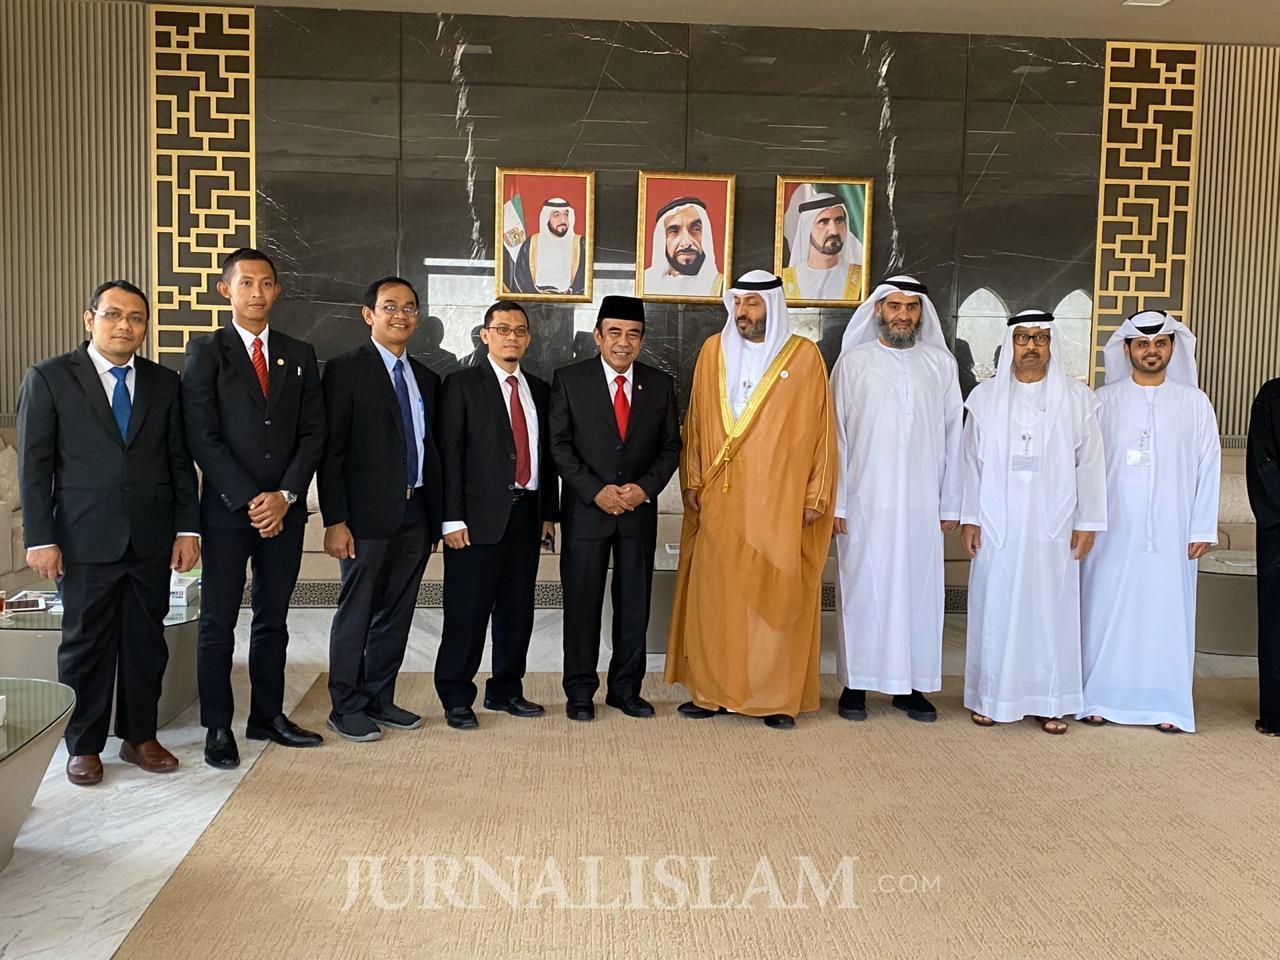 Menang Kunjungi Abu Dhabi, Jajaki Kerjasama dengan Sejumlah Kementerian Uni Emirat Arab